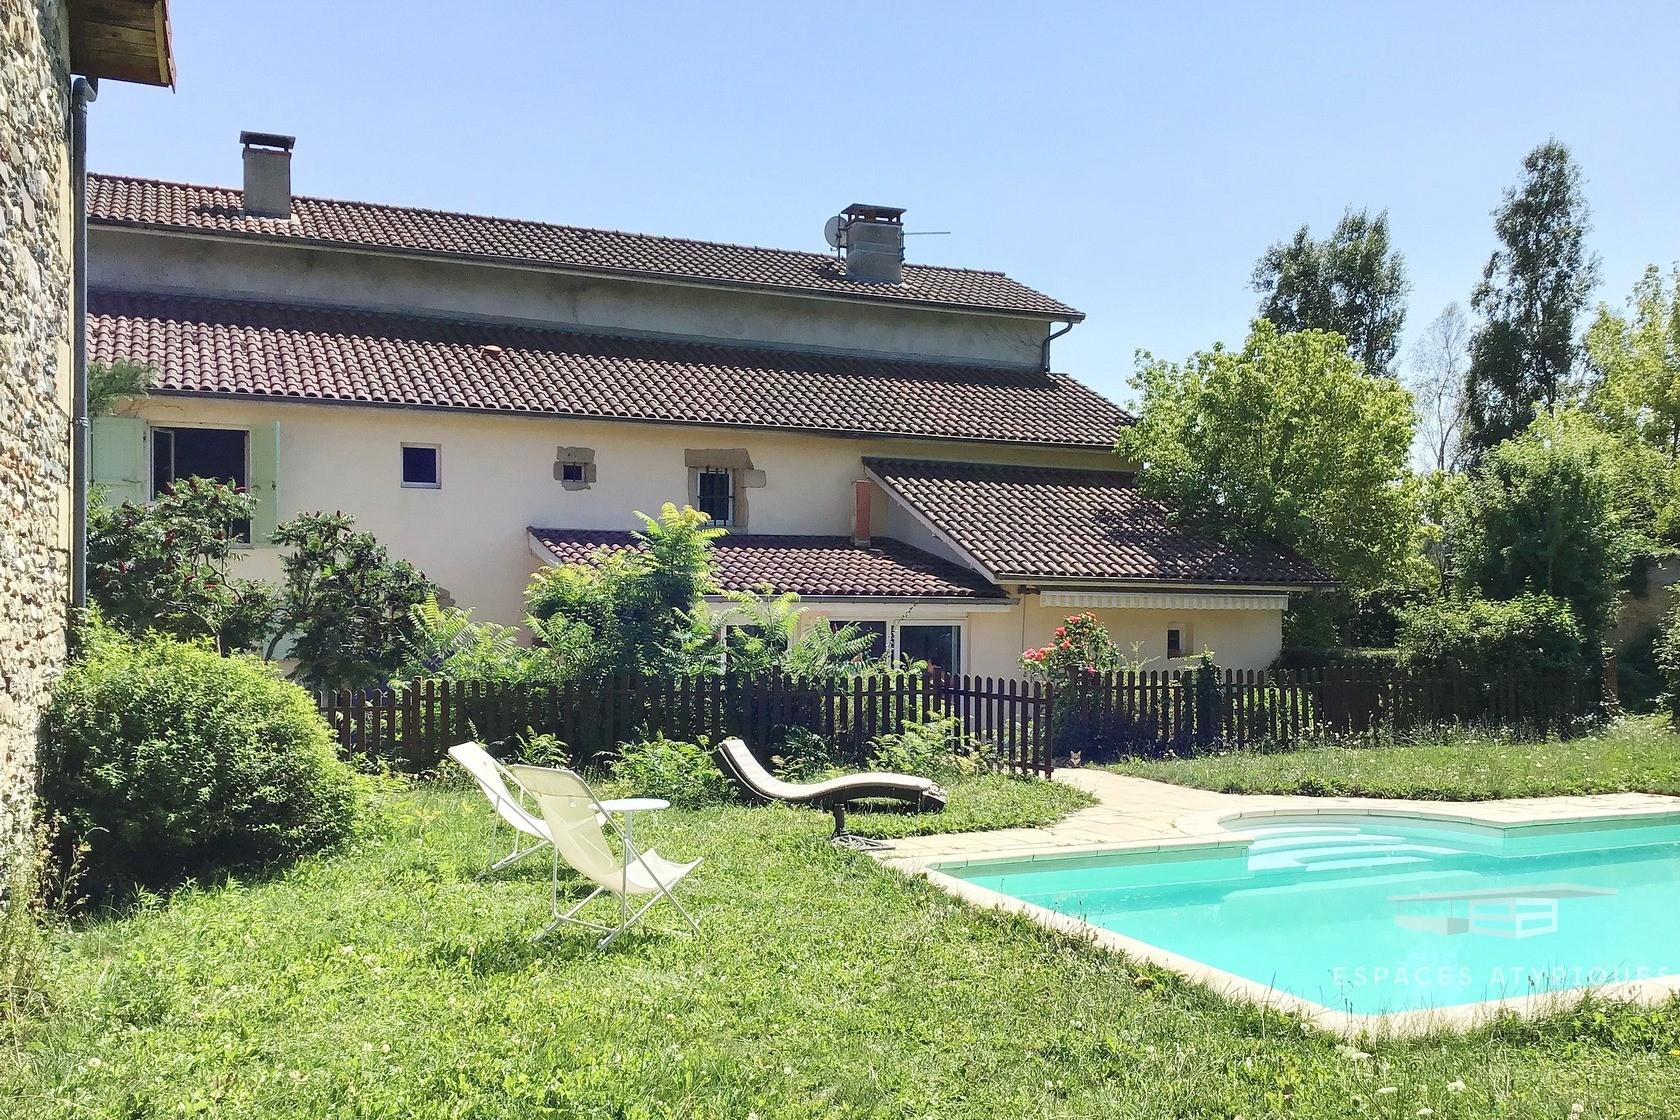 Maison De Charme Avec Piscine, 340 M², Bourgoin-Jallieu, Tramolé avec Piscine Bourgoin Jallieu